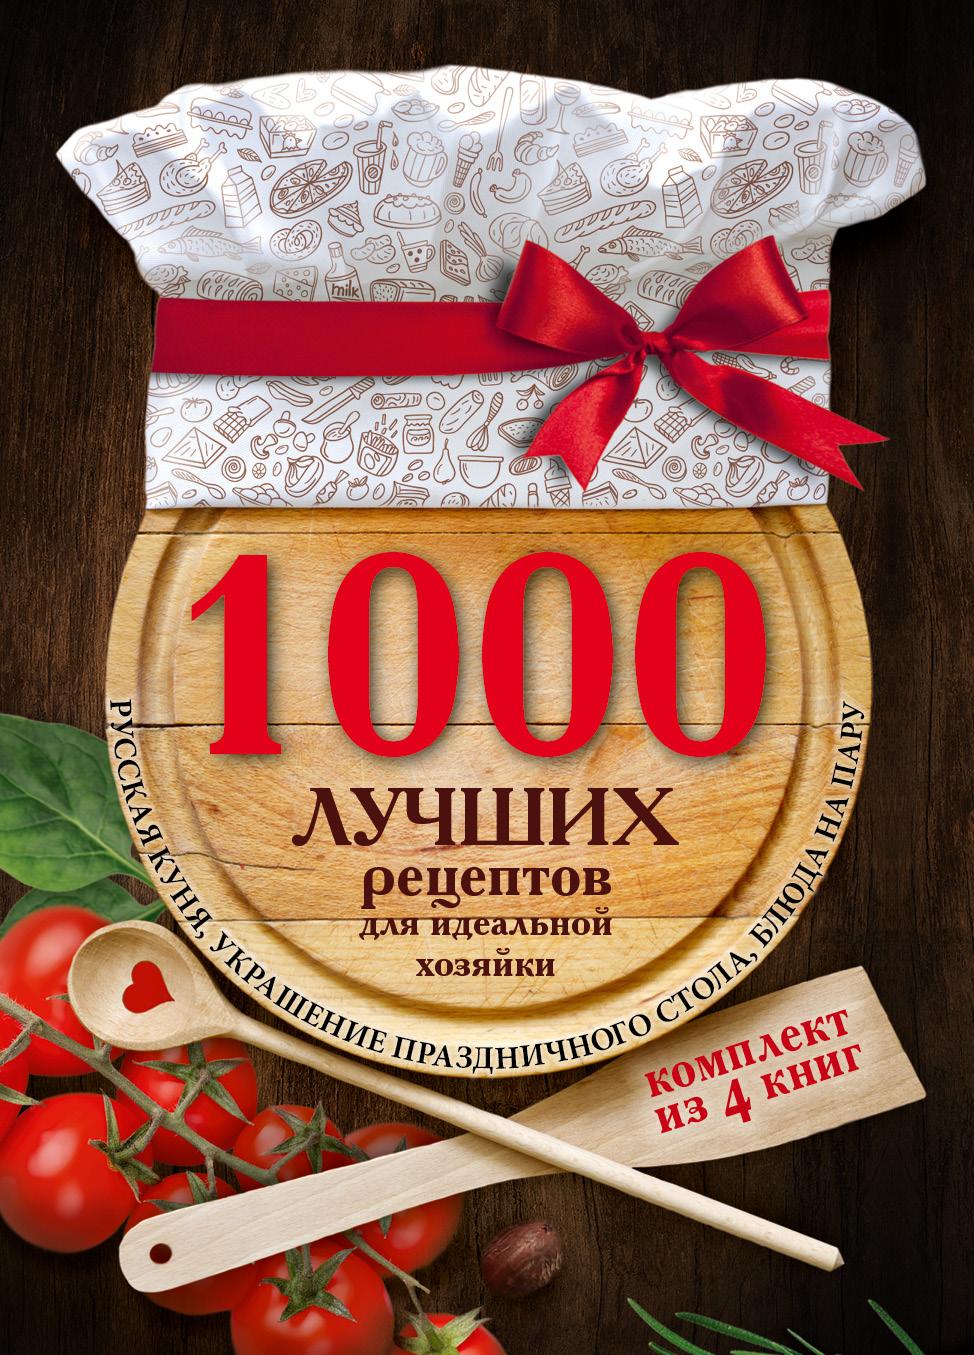 1000 лучших рецептов для идеальной хозяйки 1000 полезных советов на каждый день цифровая версия